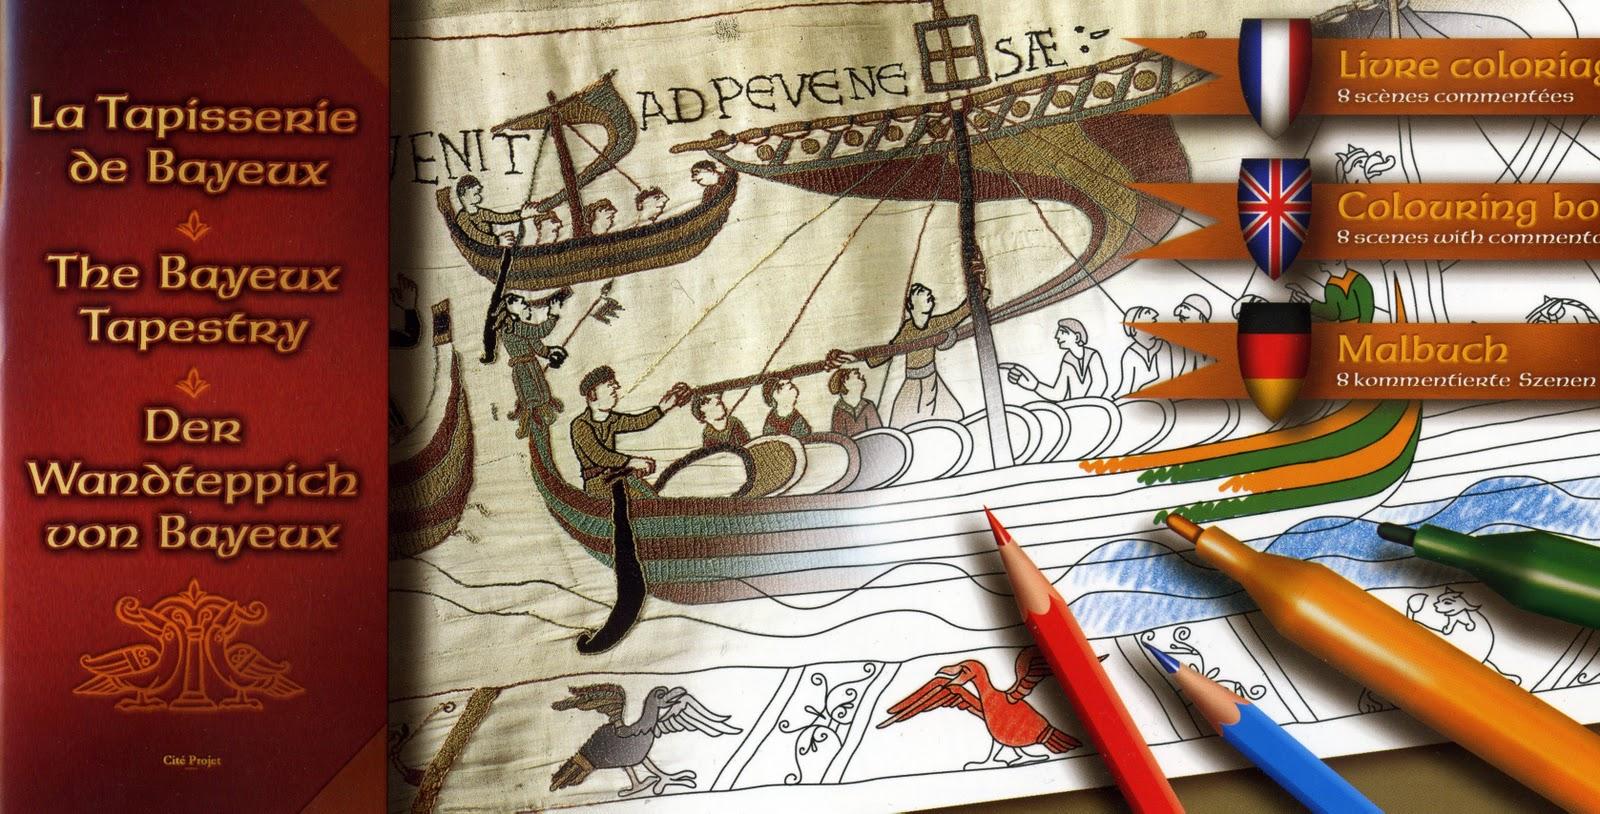 Neuvi me centenaire de guillaume le conqu rant - Comment decoller de la tapisserie ...